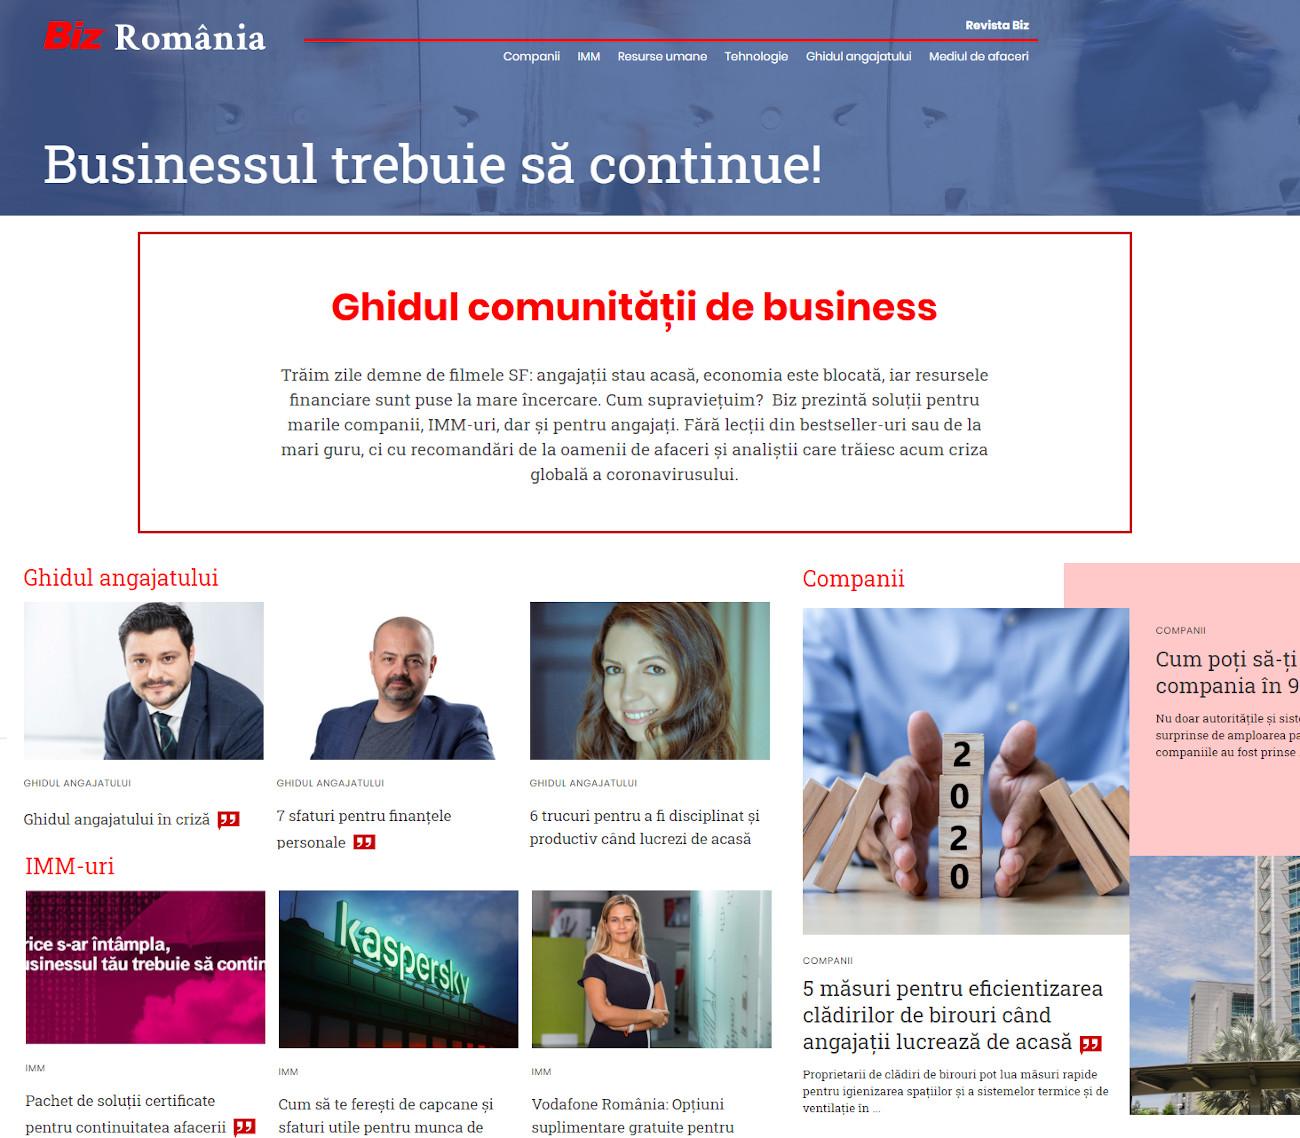 BizRomania - businessul trebuie sa continue